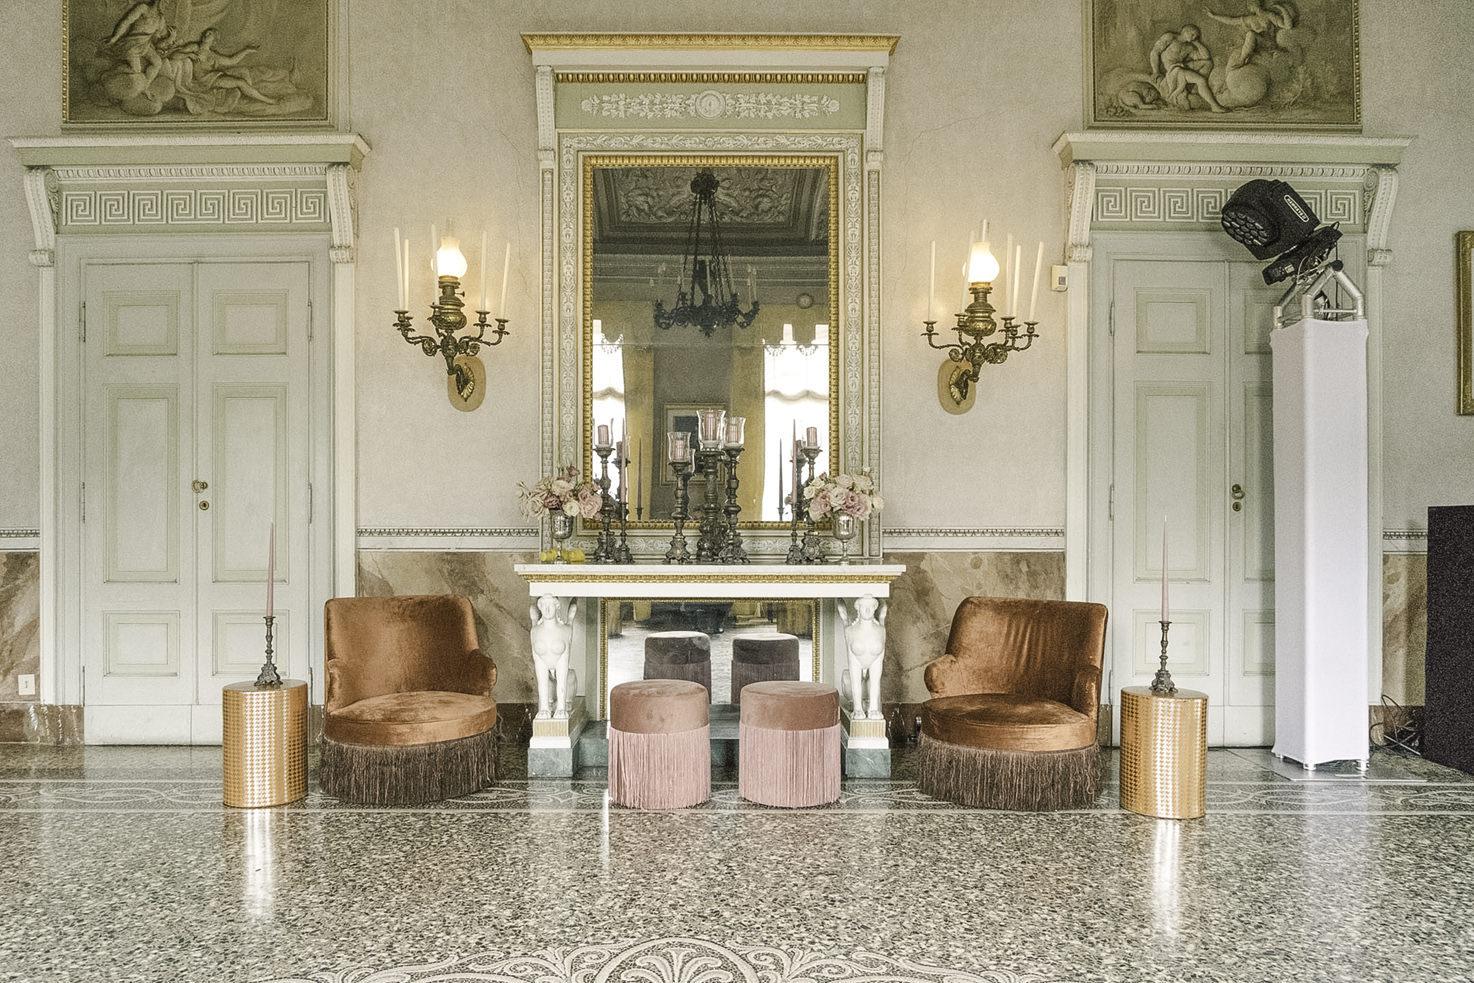 Interior of Villa Pizzo